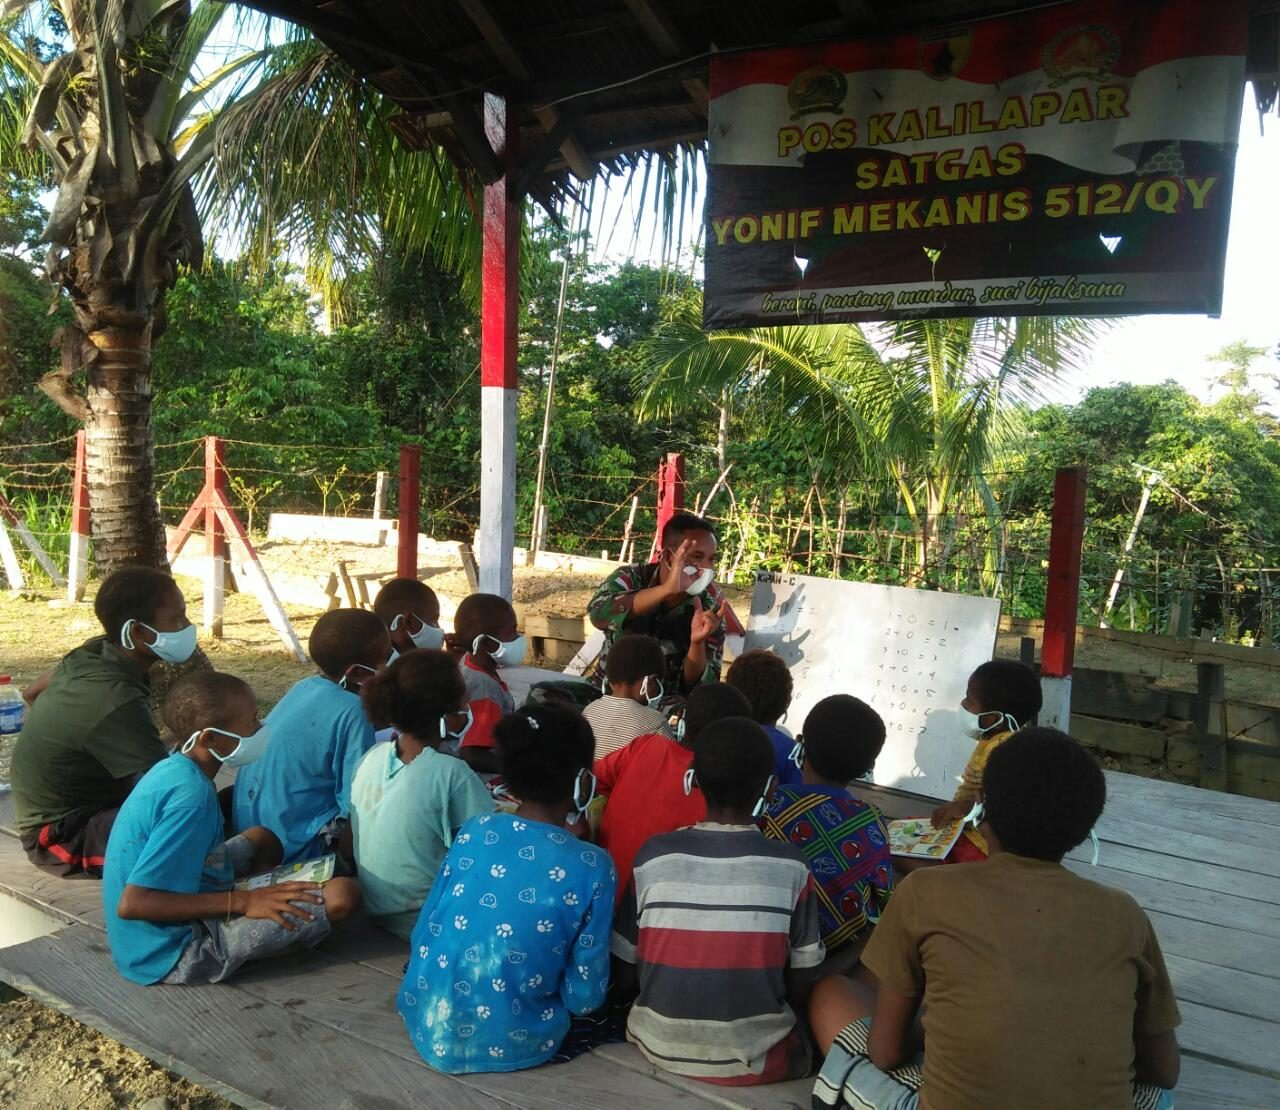 Satgas Yonif Mekanis 512/QY Berikan Tambahan Pelajaran Kepada Anak-Anak di Perbatasan Papua